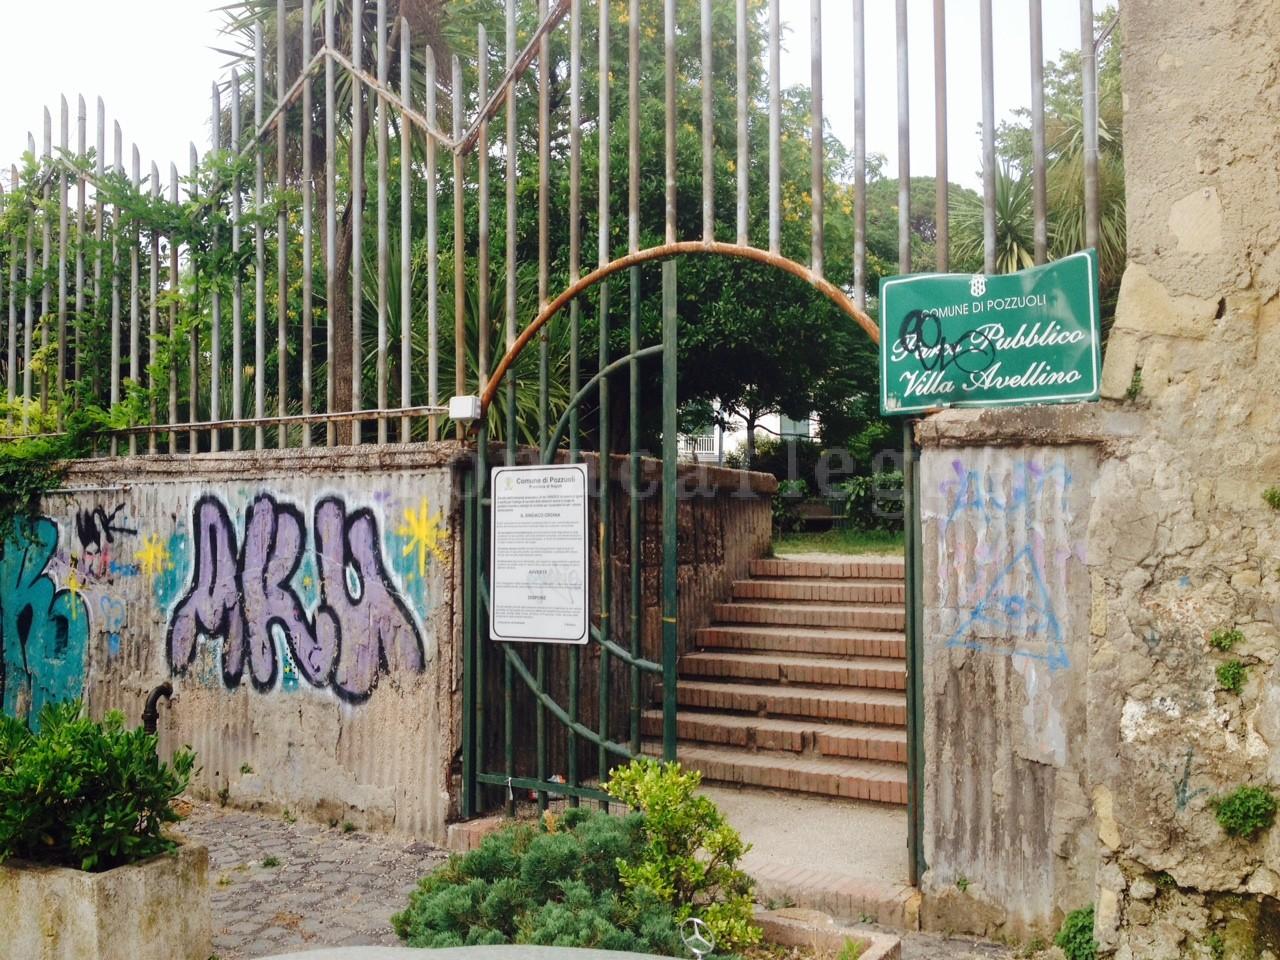 Parco Pubblico Villa Avellino Pozzuoli